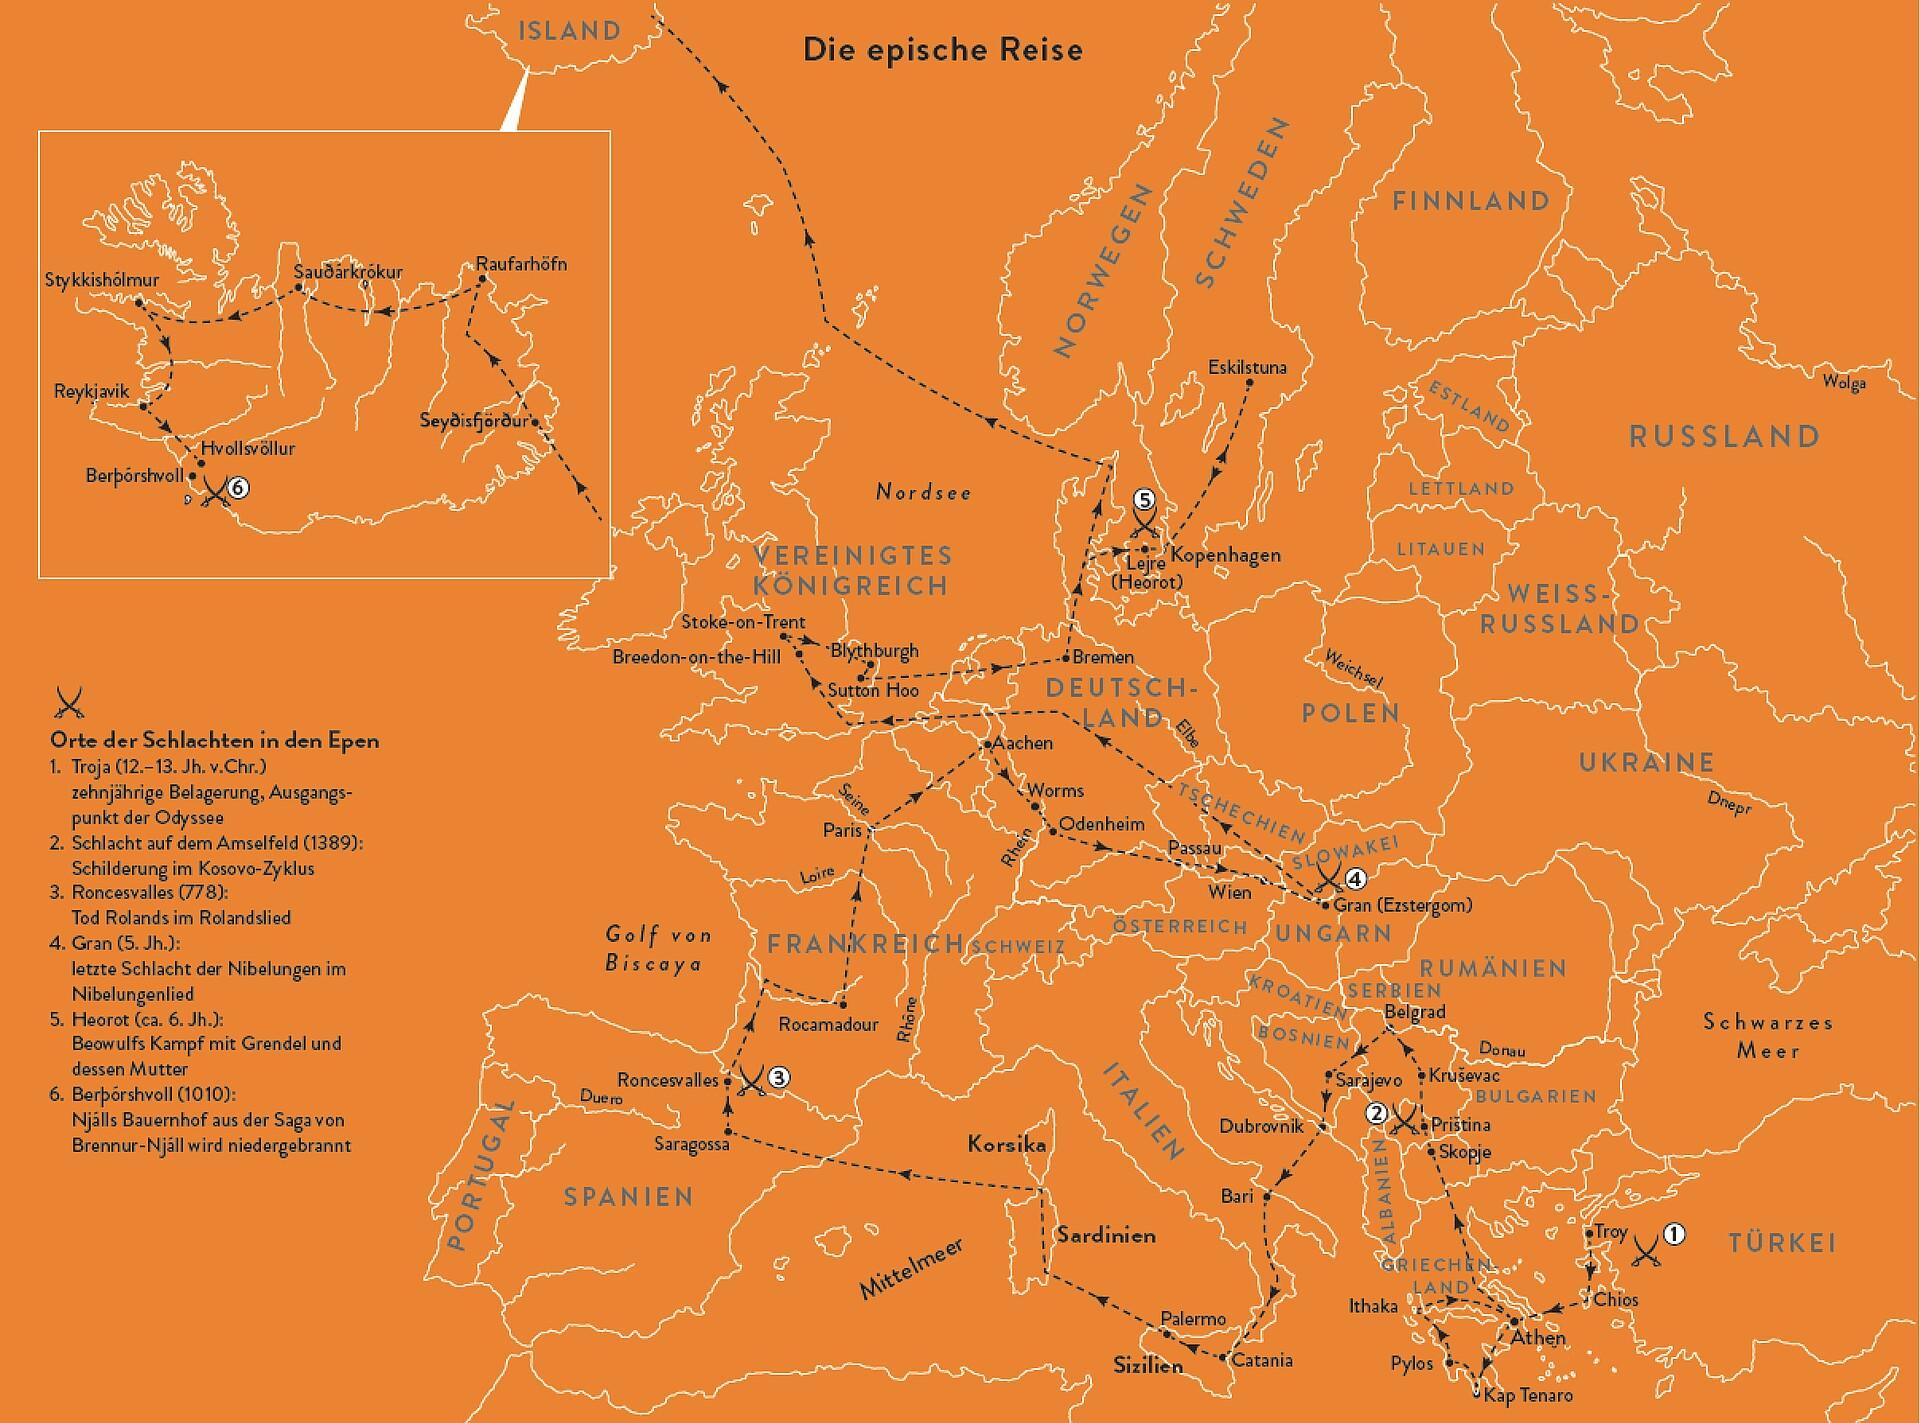 Karte der Reiseroute